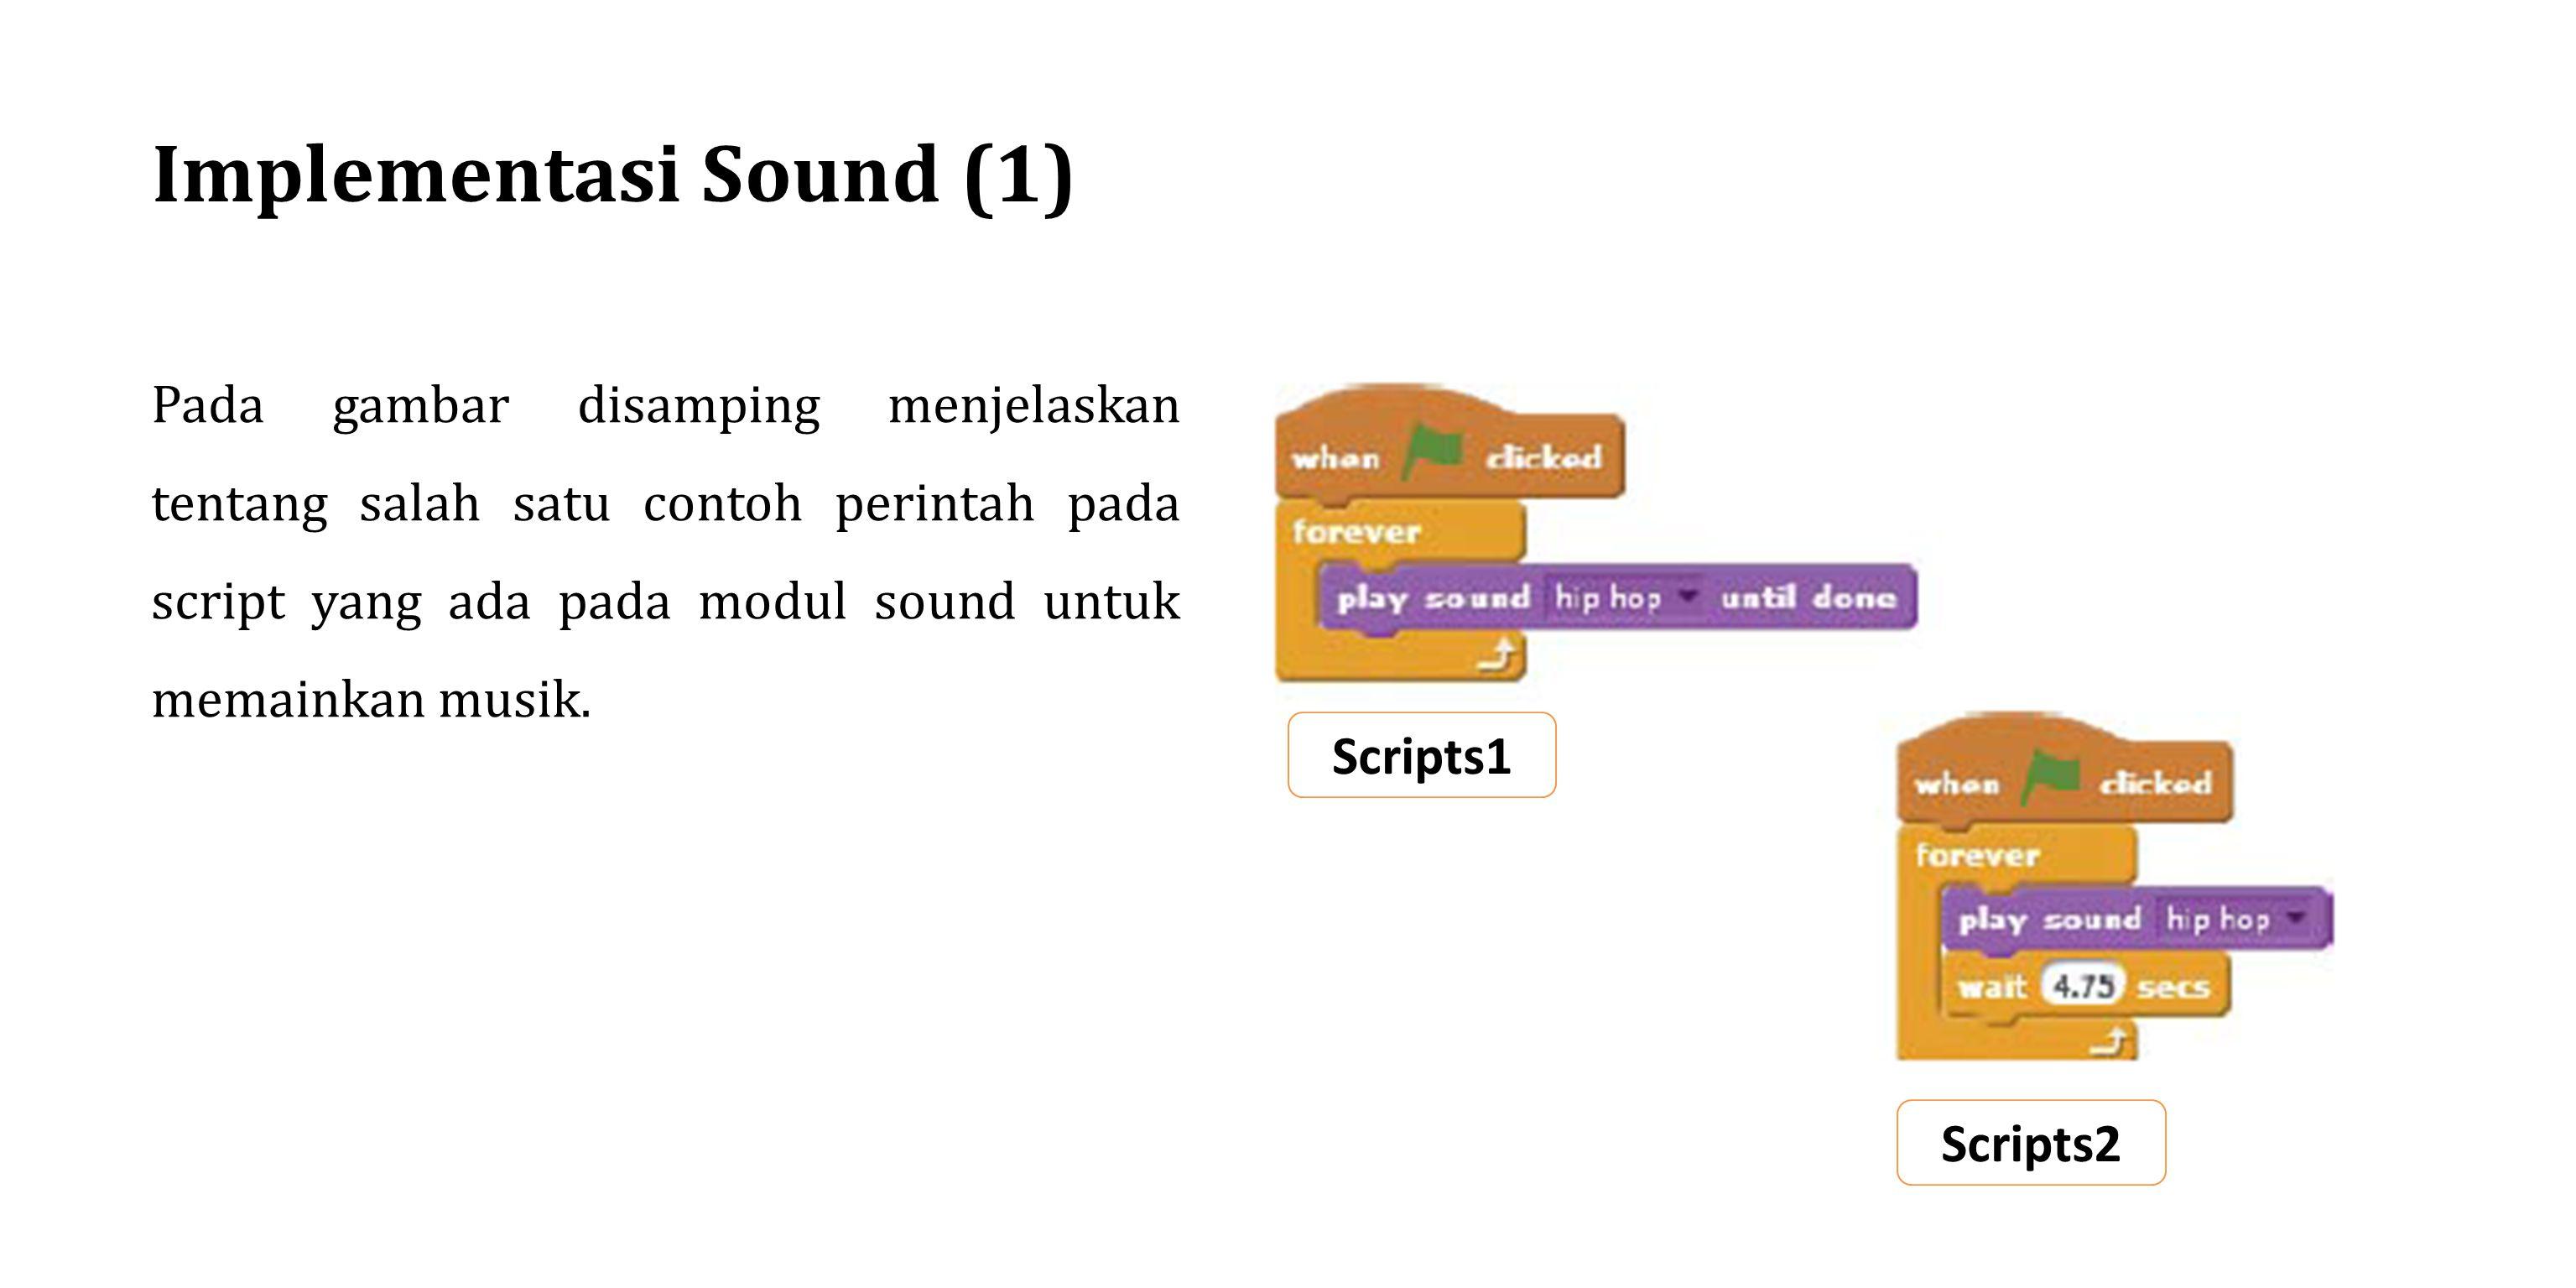 Implementasi Sound (2) Pada gambar di bawah merupakan contoh perintah tentang pengaturan pemakaian alat musik drum dengan pengaturan beats dengan menggunakan script Scripts Beats Drum